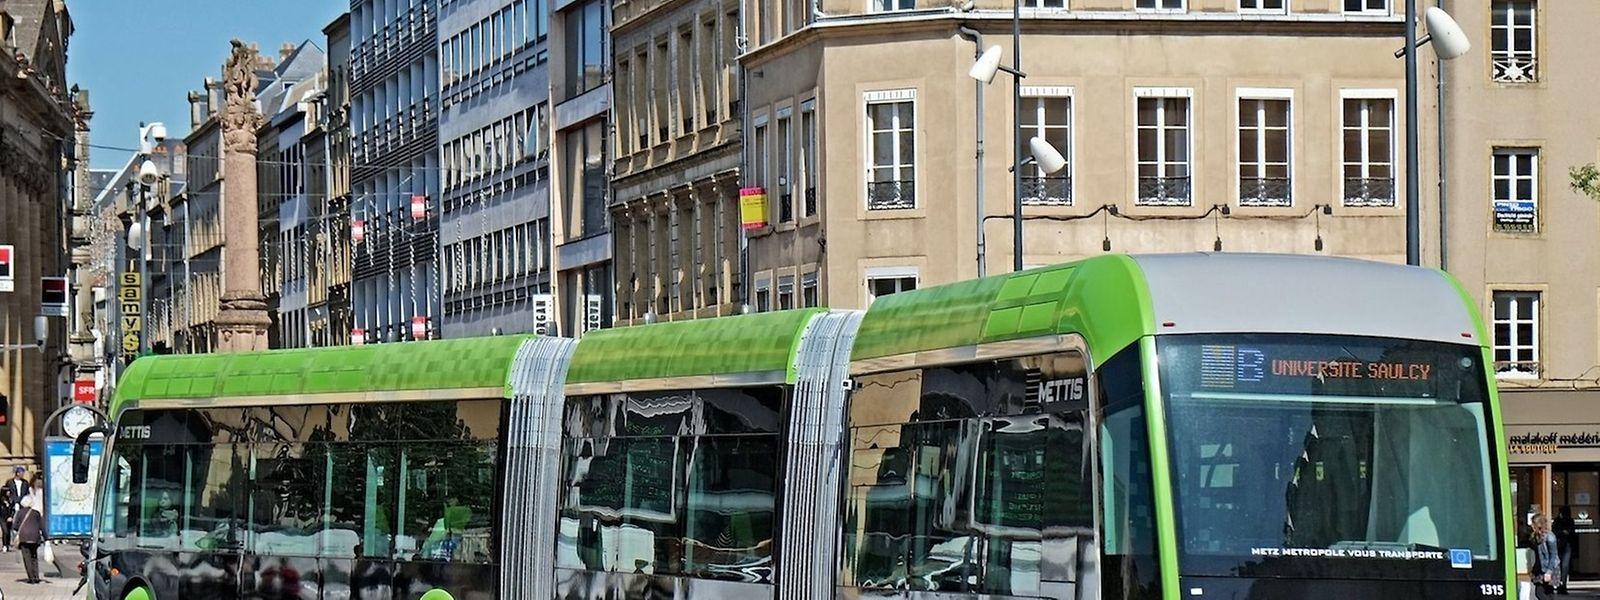 Ähnlich diesem Mettis in Metz könnte in Zukunft ein Hochleistungsbus Esch mit der Hauptstadt verbinden.